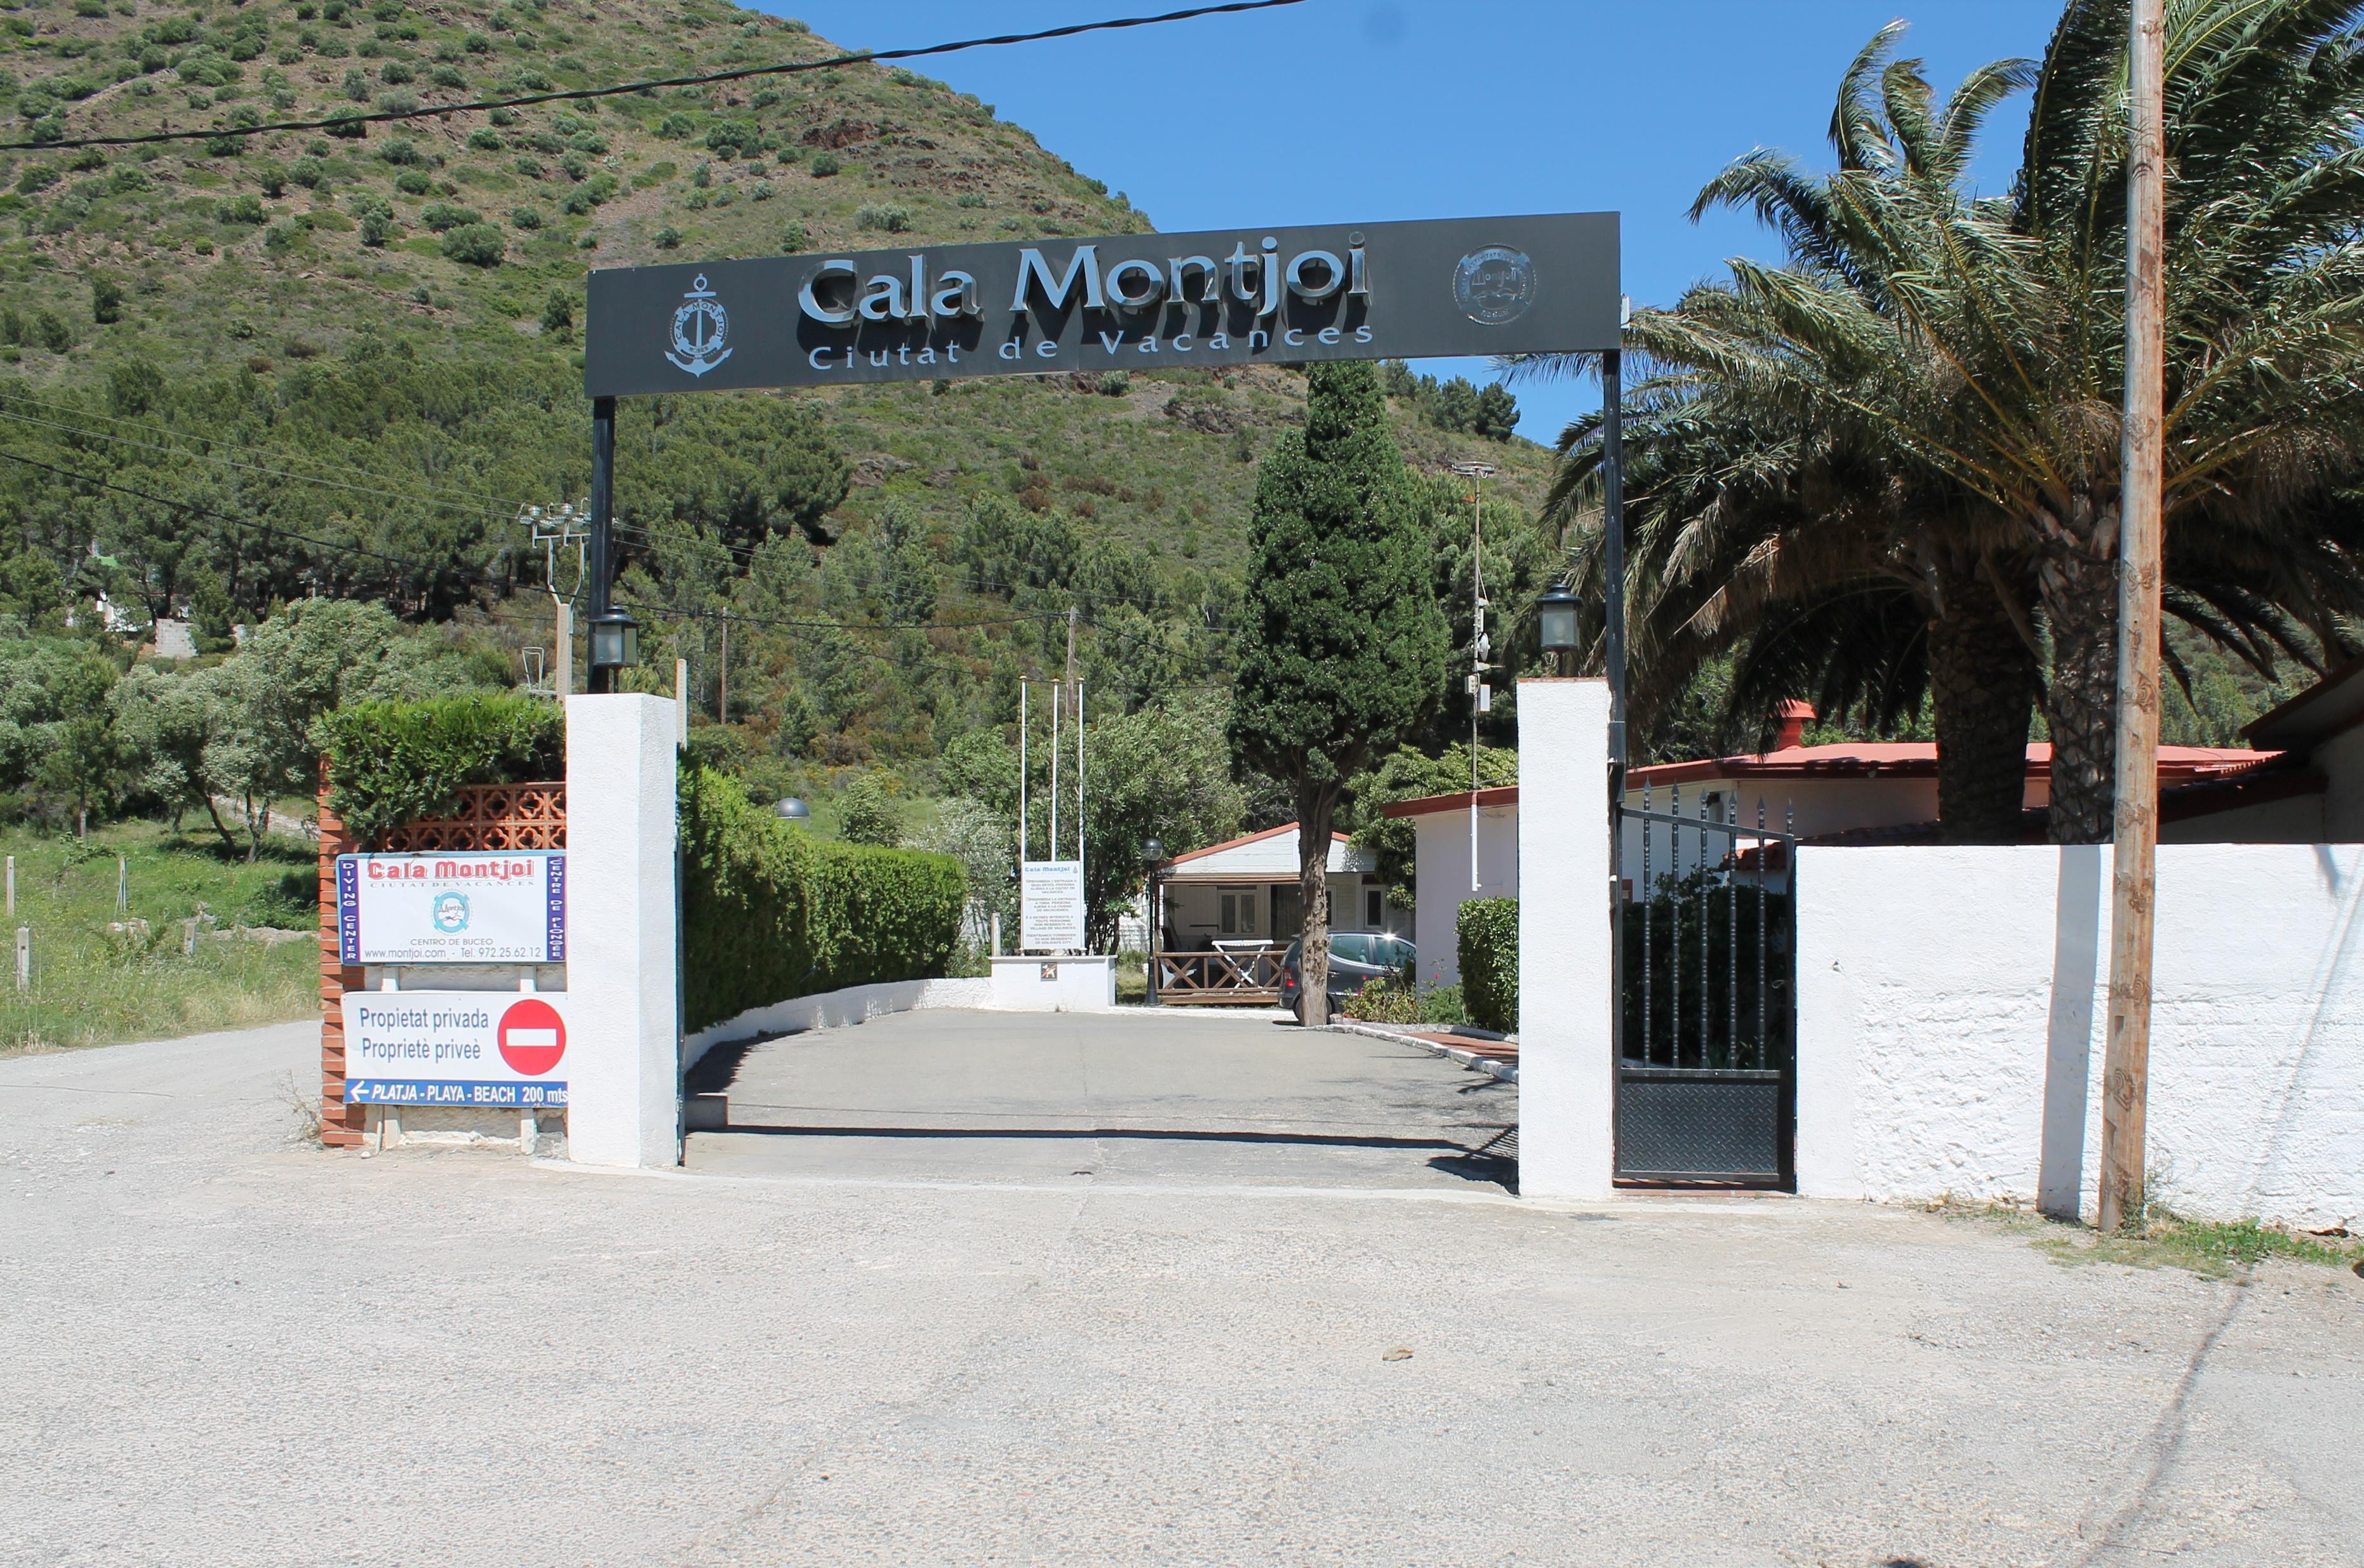 CALA MONTJOI, ROSES 1